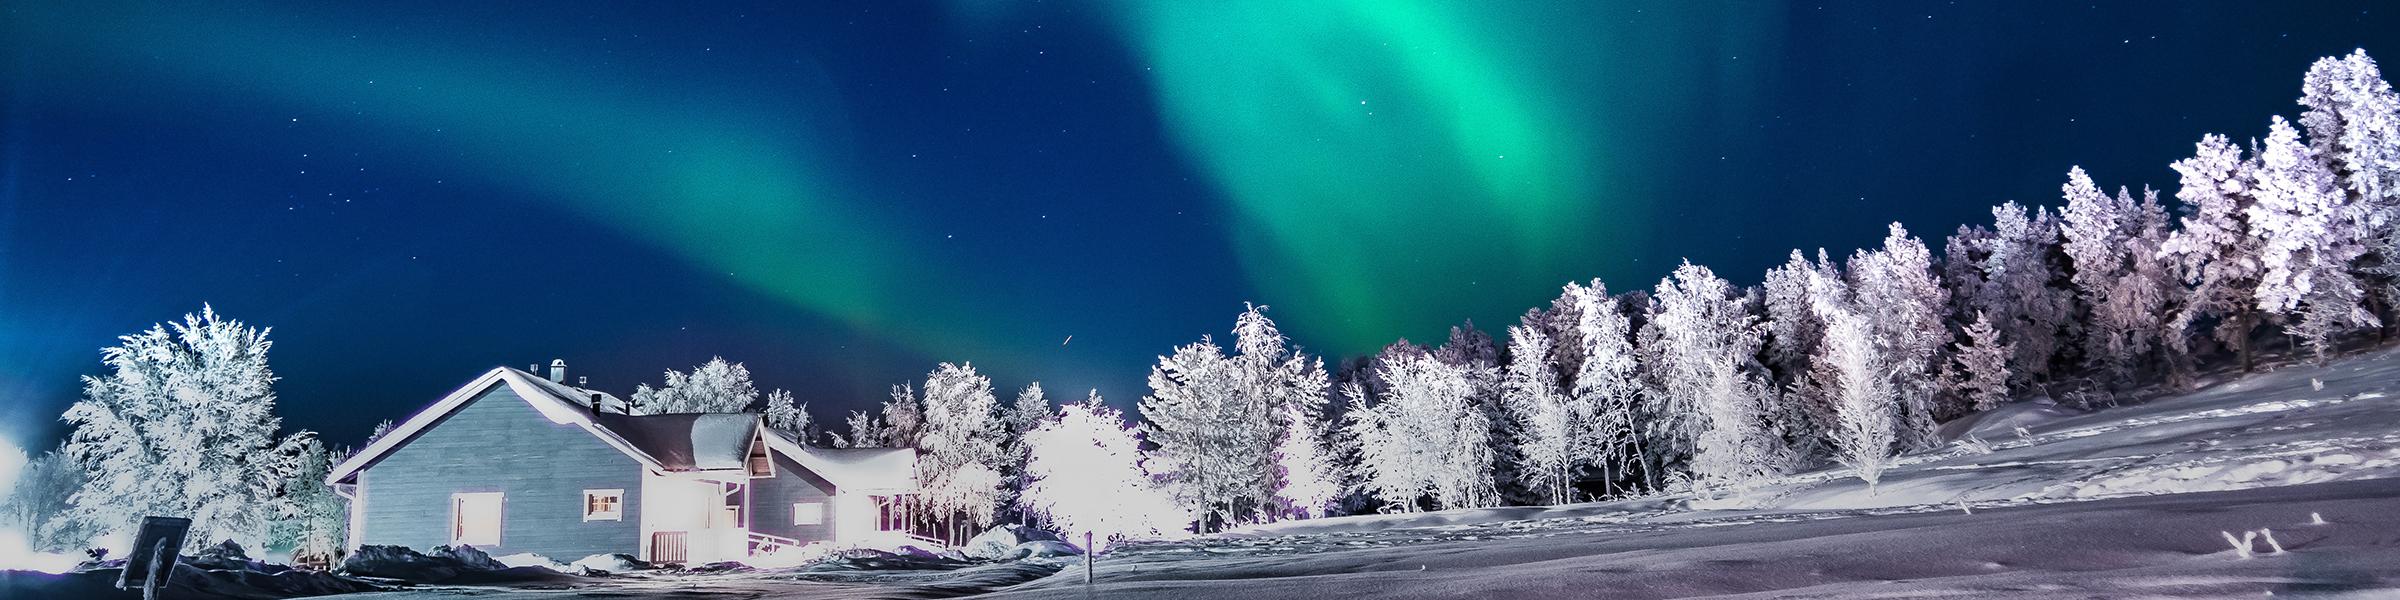 Finland Aurora Borealis in Lapland